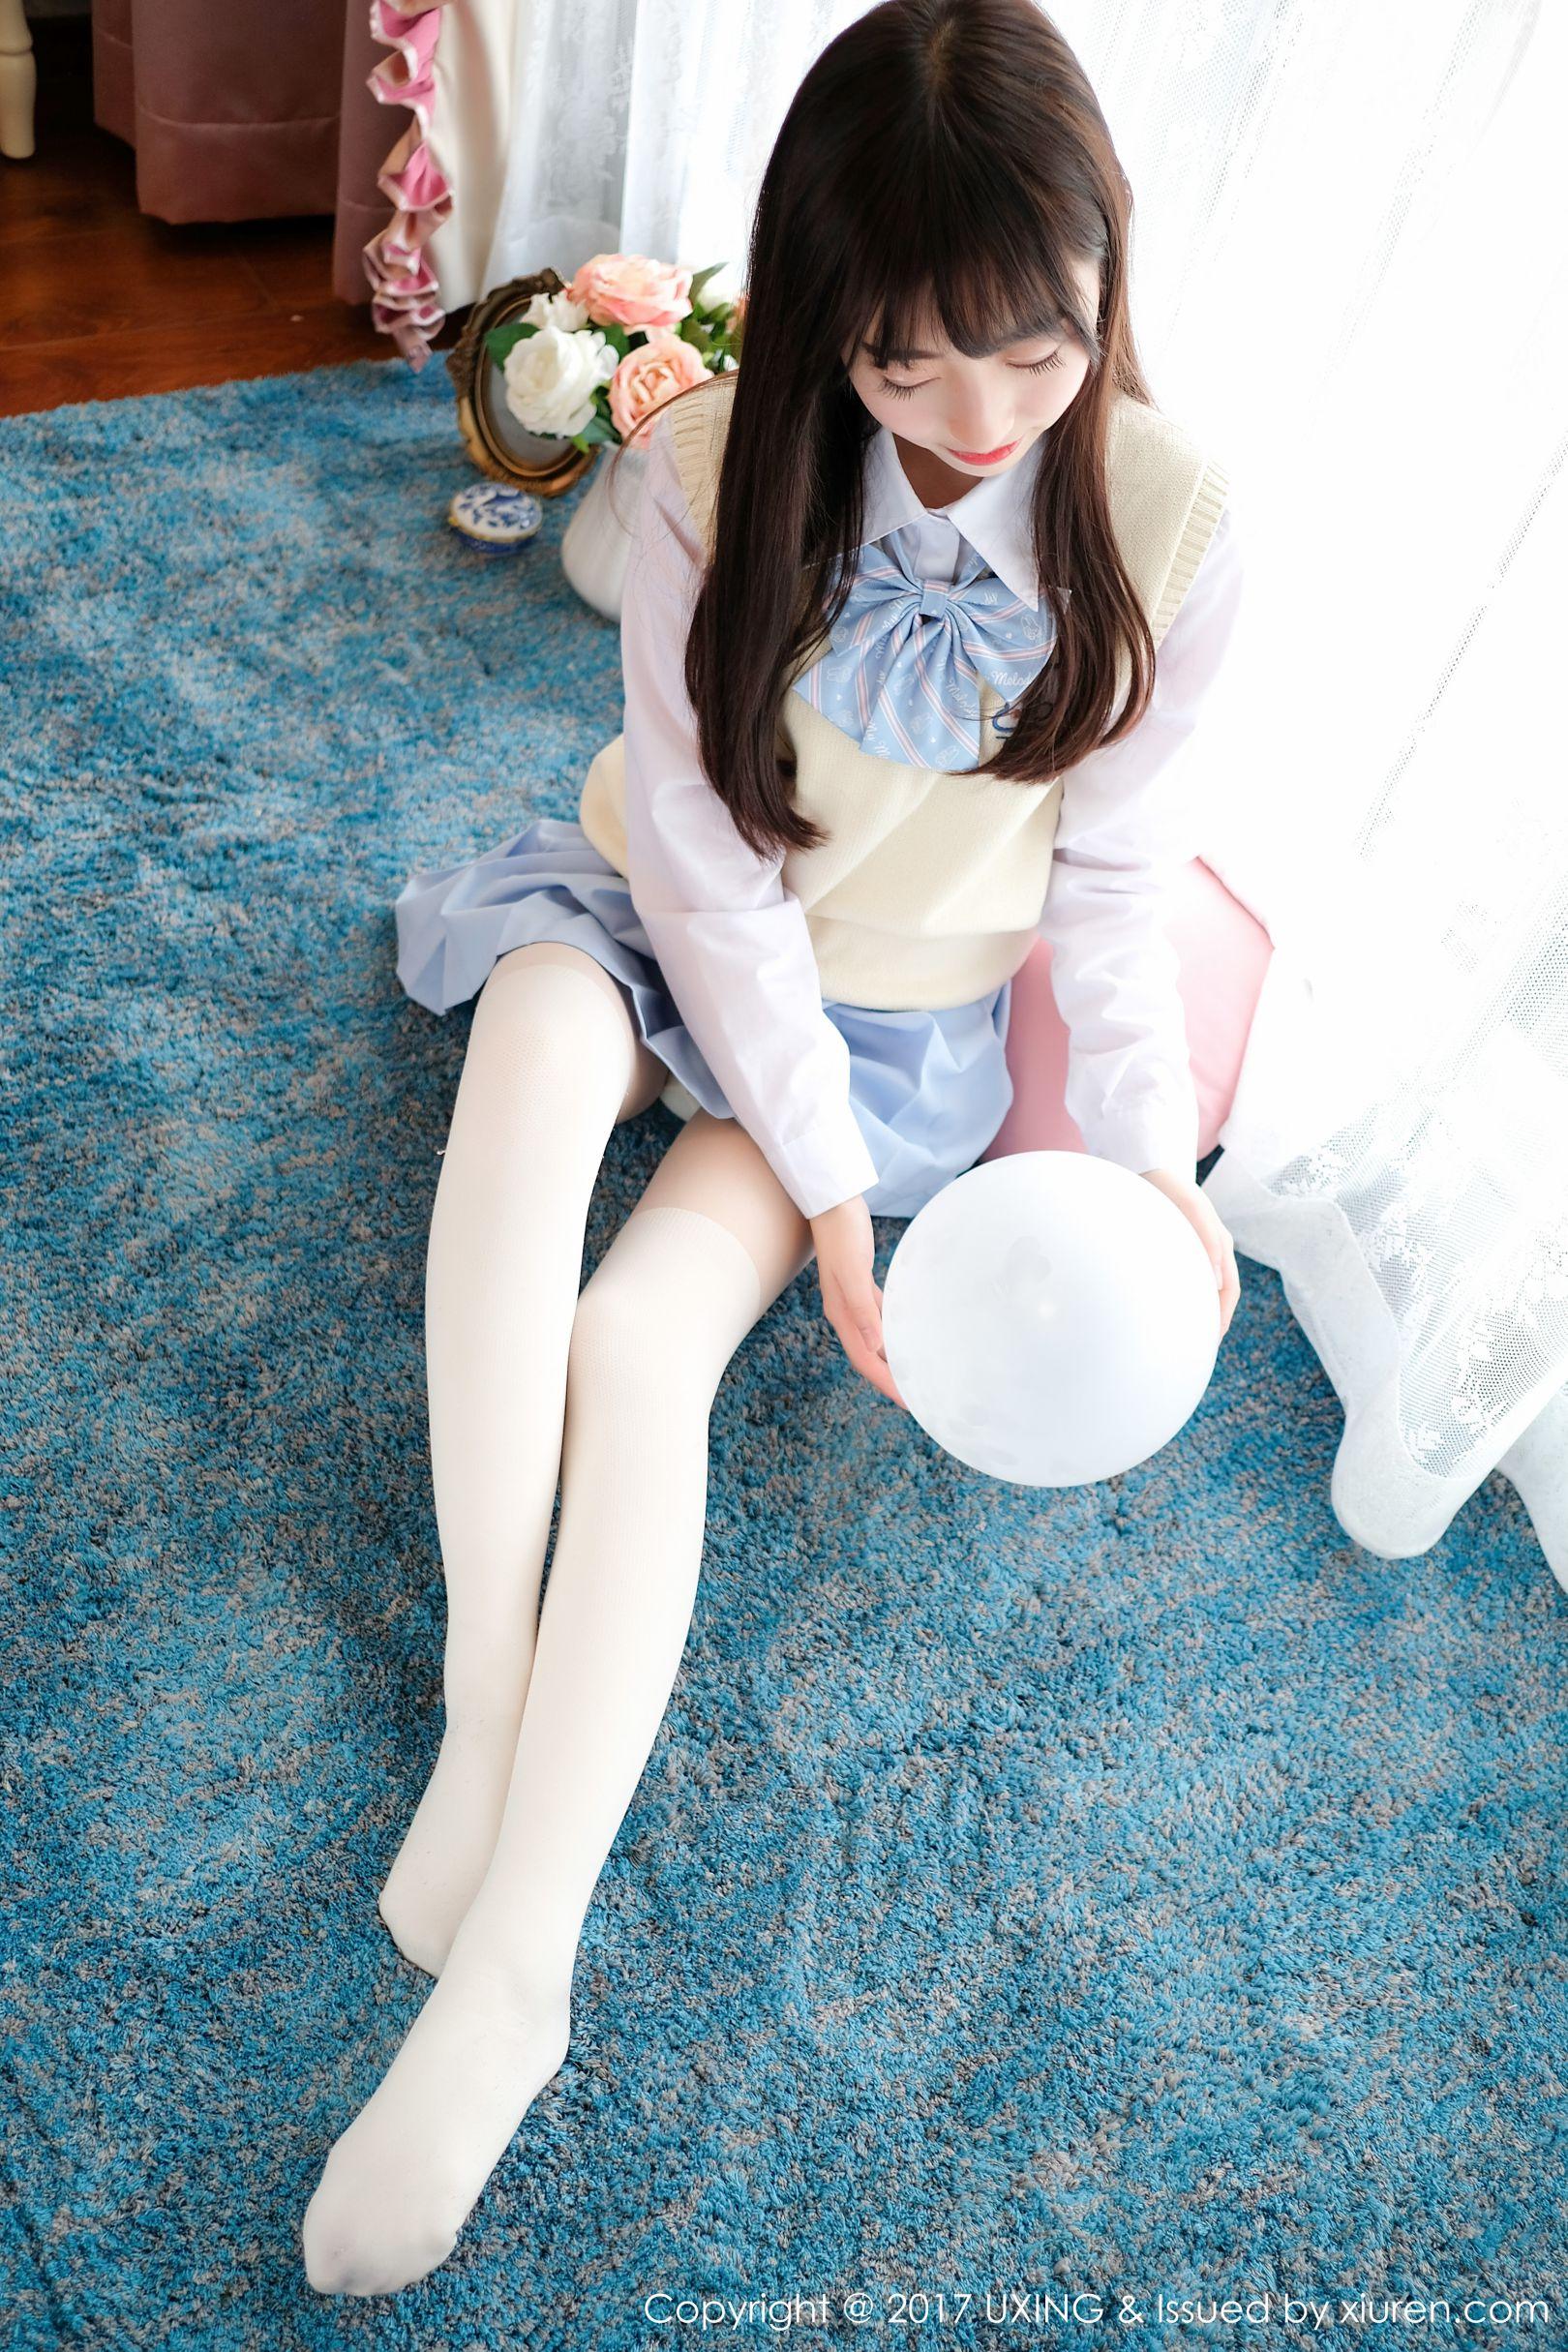 丸子mayuki - 清纯萝莉写真图片